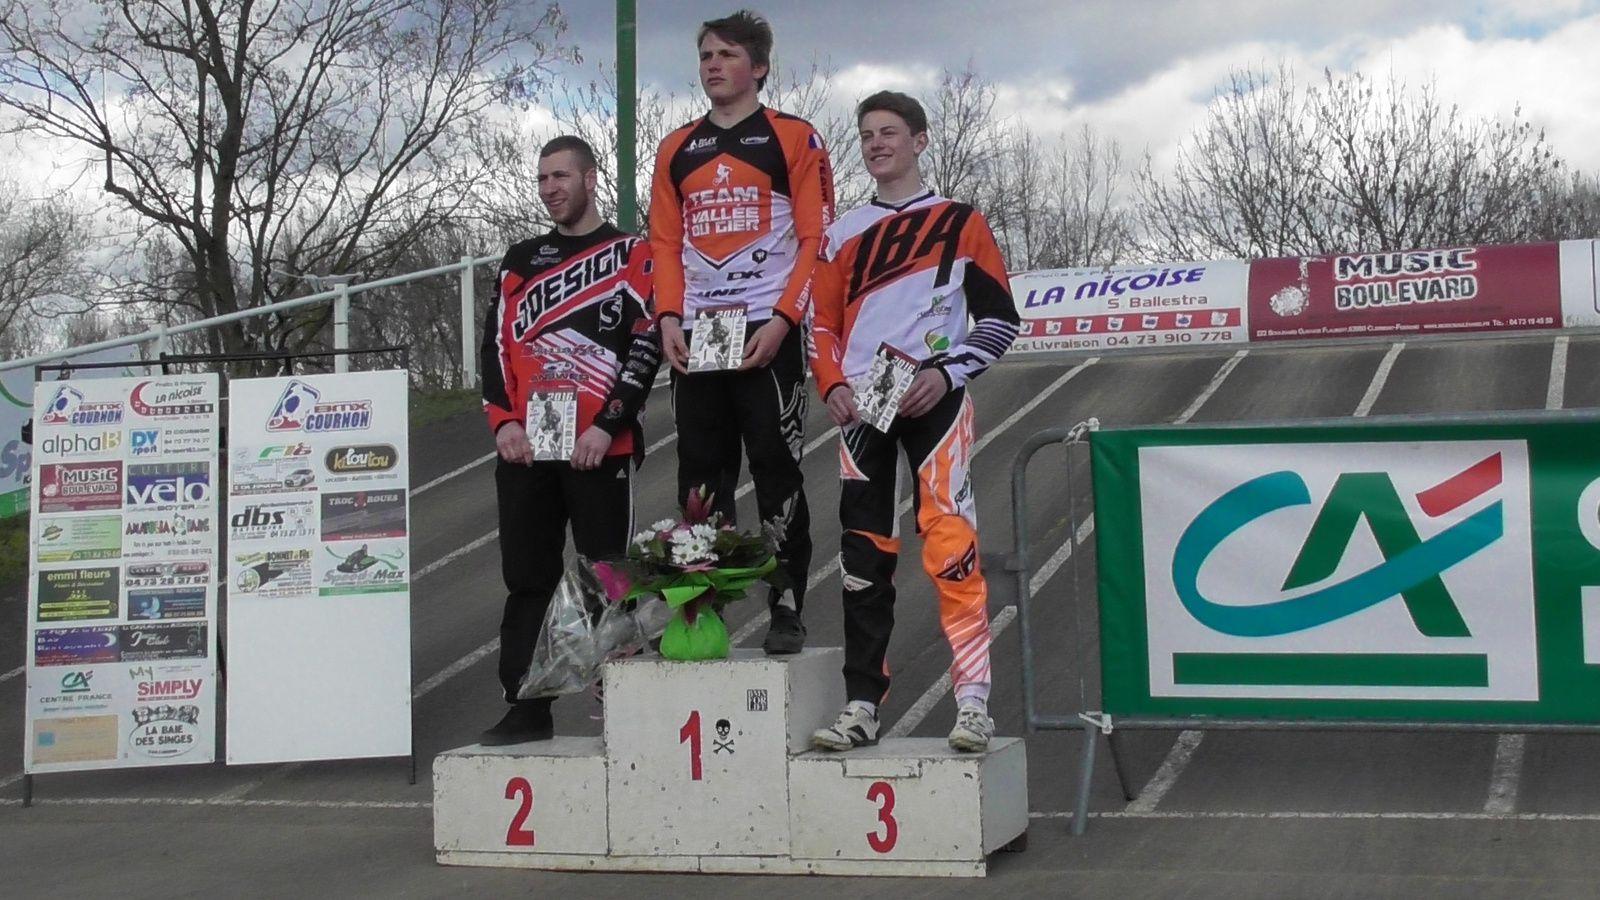 Résultats de la première manche de Coupe d'Auvergne à Cournon